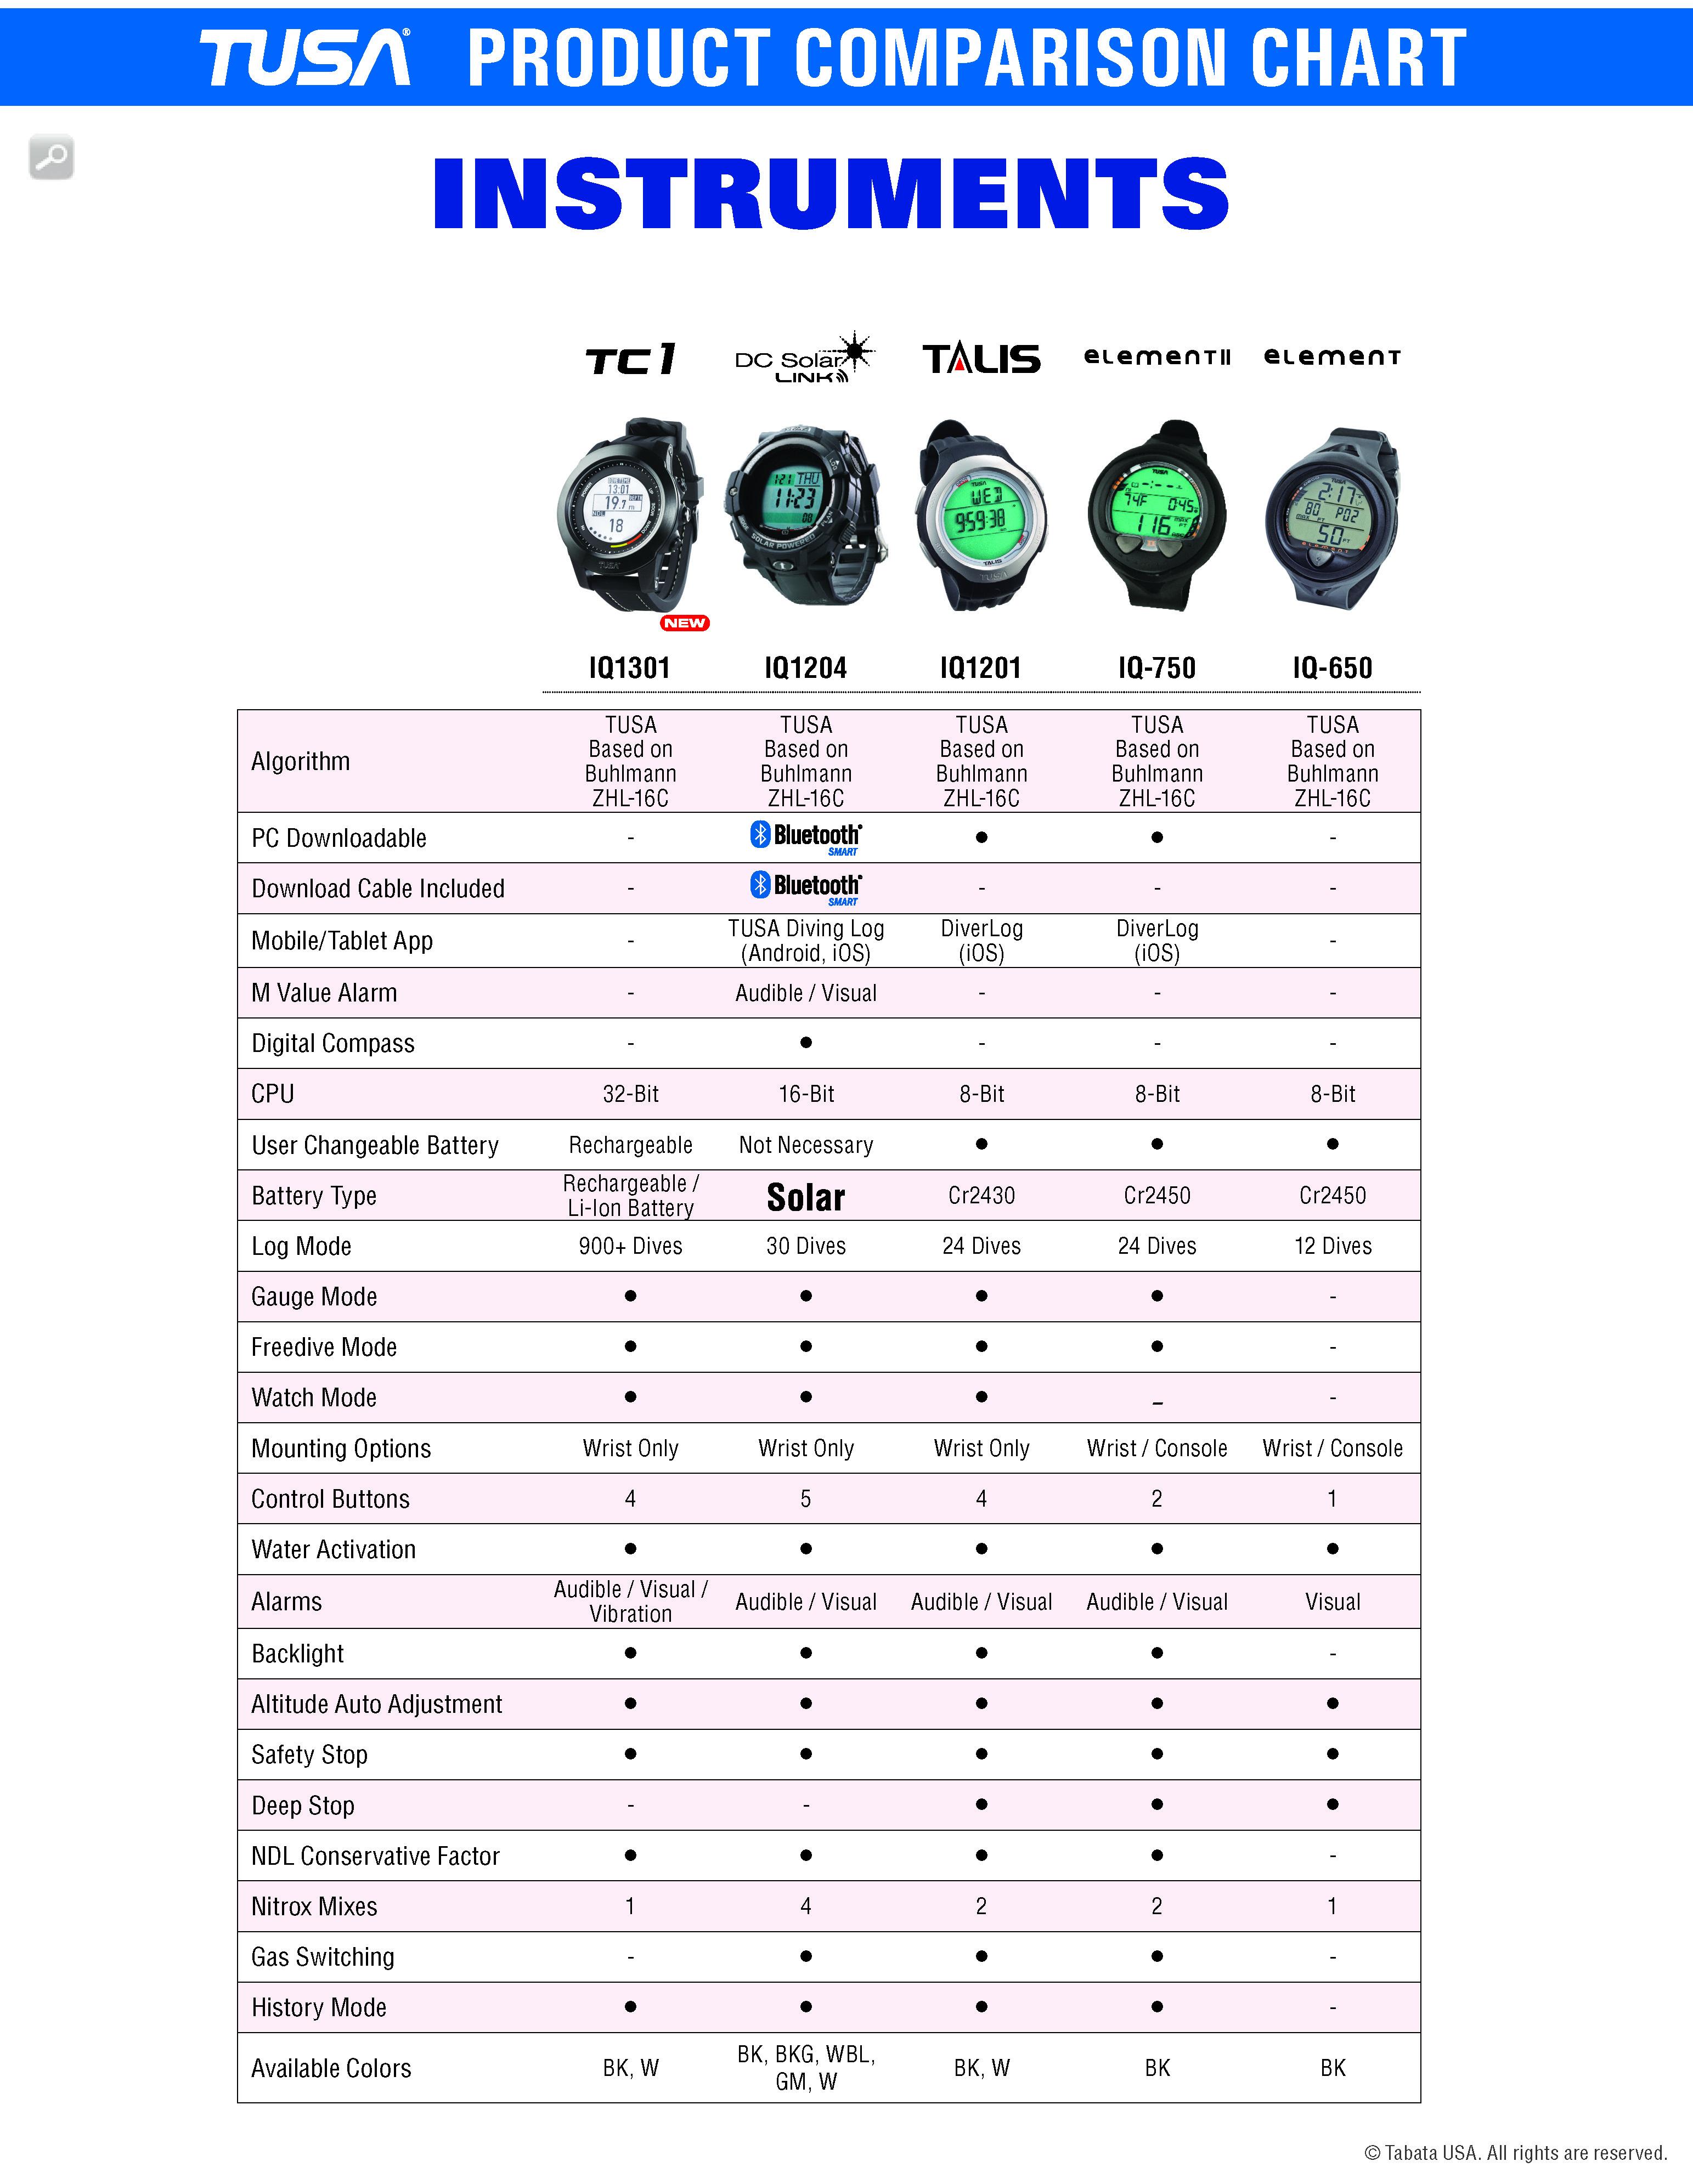 https://tusa.com/productimages/TUSA-COMPARISON-INST.jpg